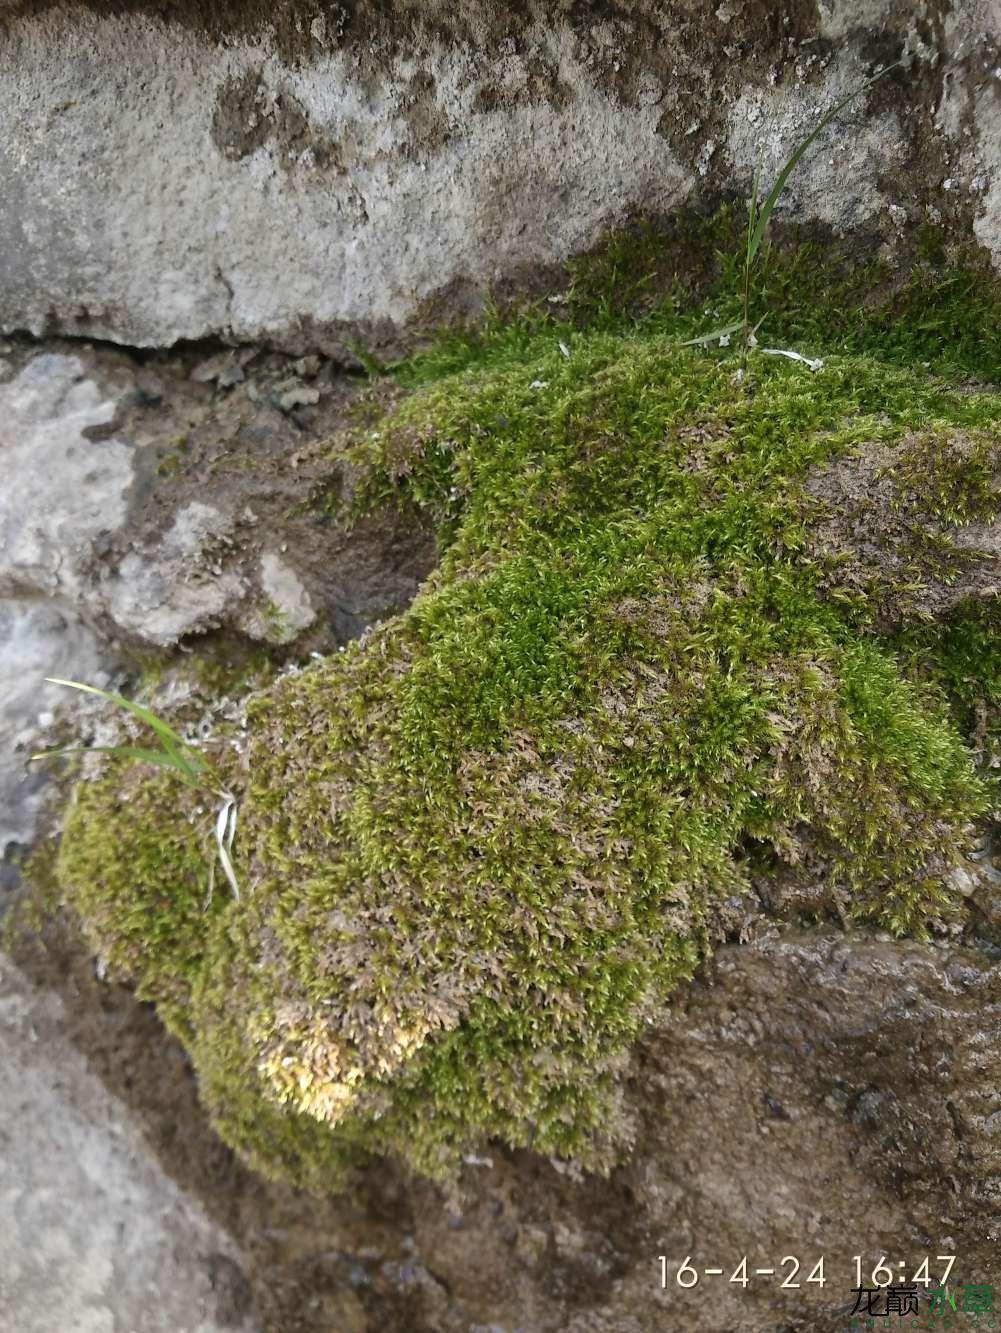 野采苔藓养在盆子里 西安龙鱼论坛 西安博特第3张